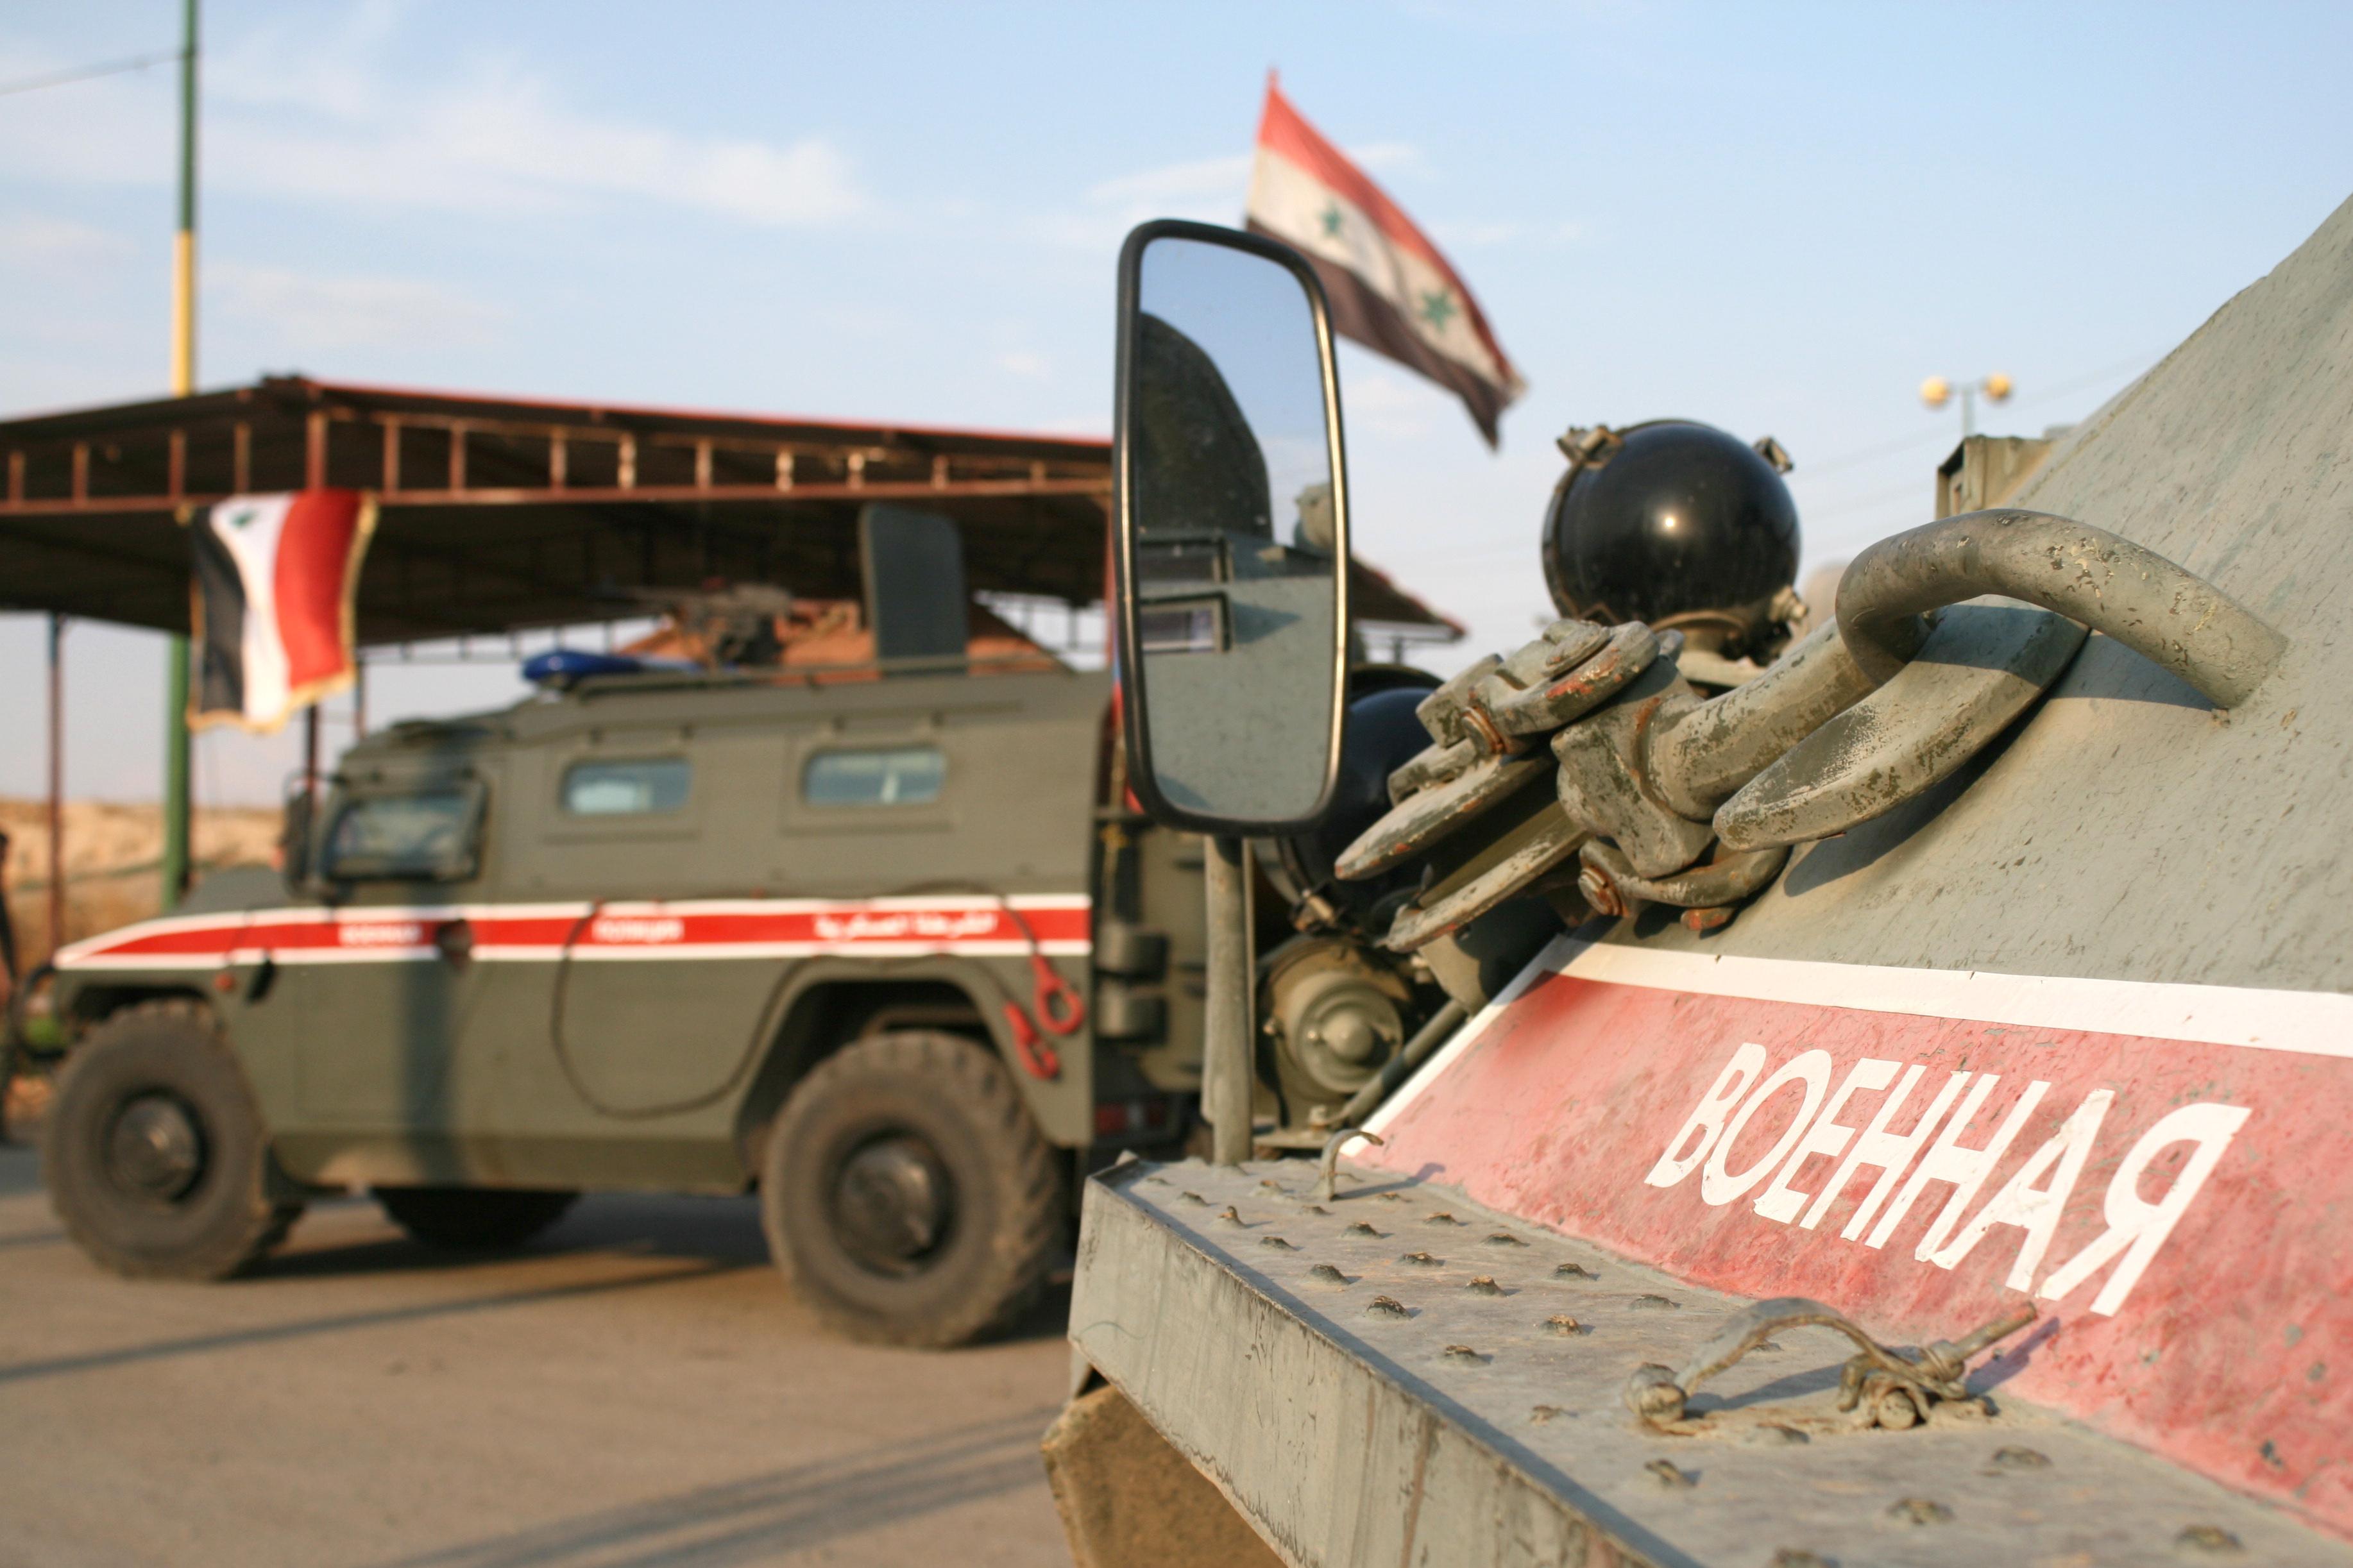 В Минобороны объяснили, почему российский патруль развернул колонну армии США в Сирии